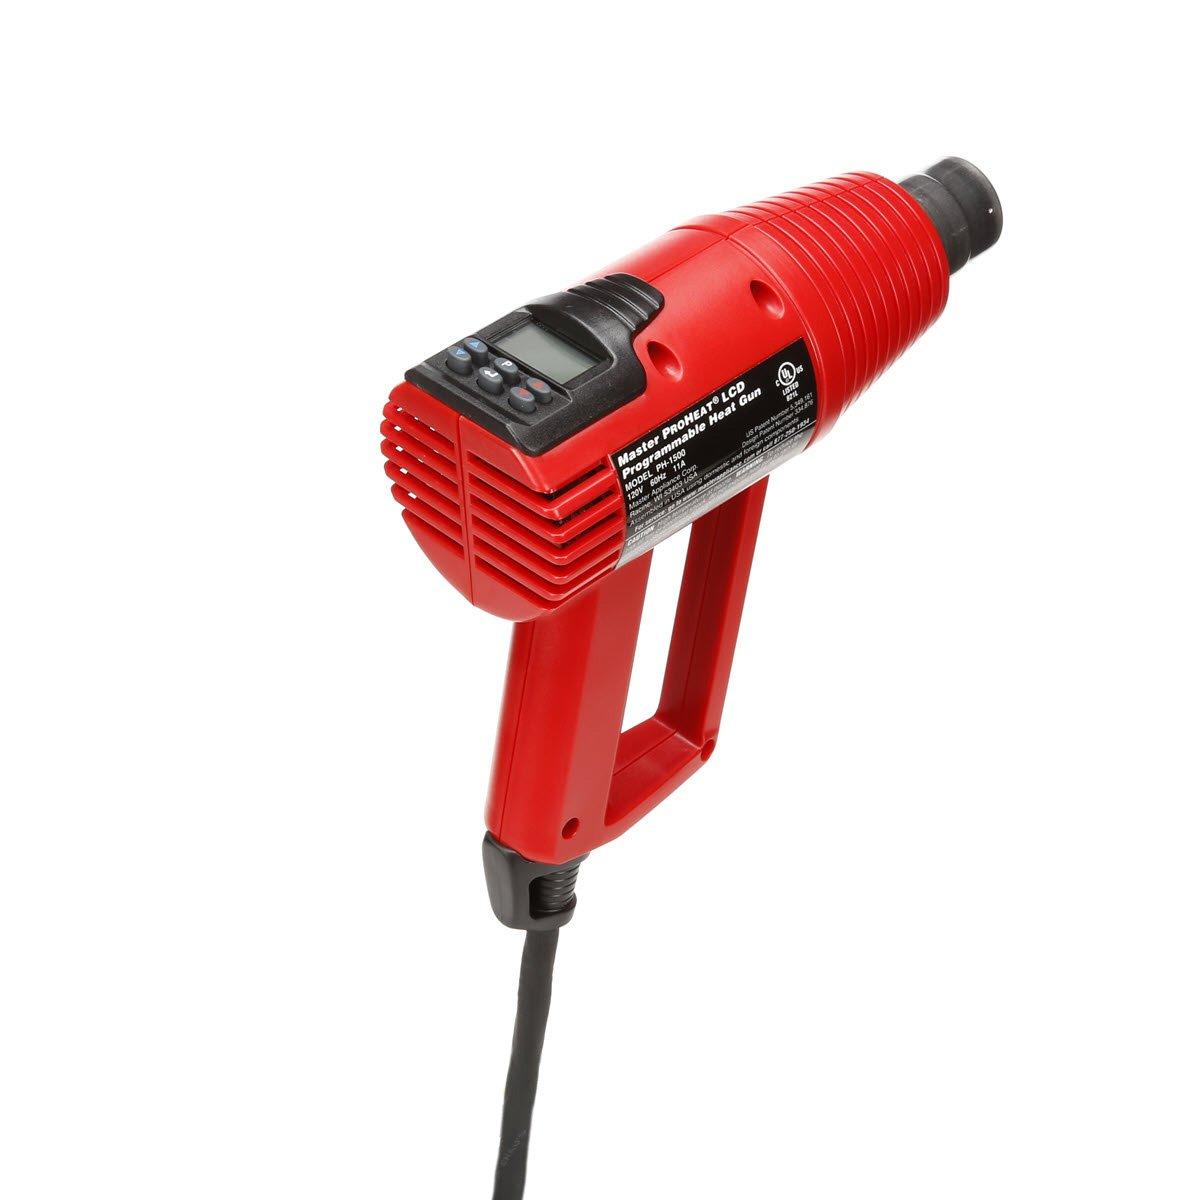 4 to 16 cfm Heat Gun Master Appliance 130 to 1000F PH-1400 11A